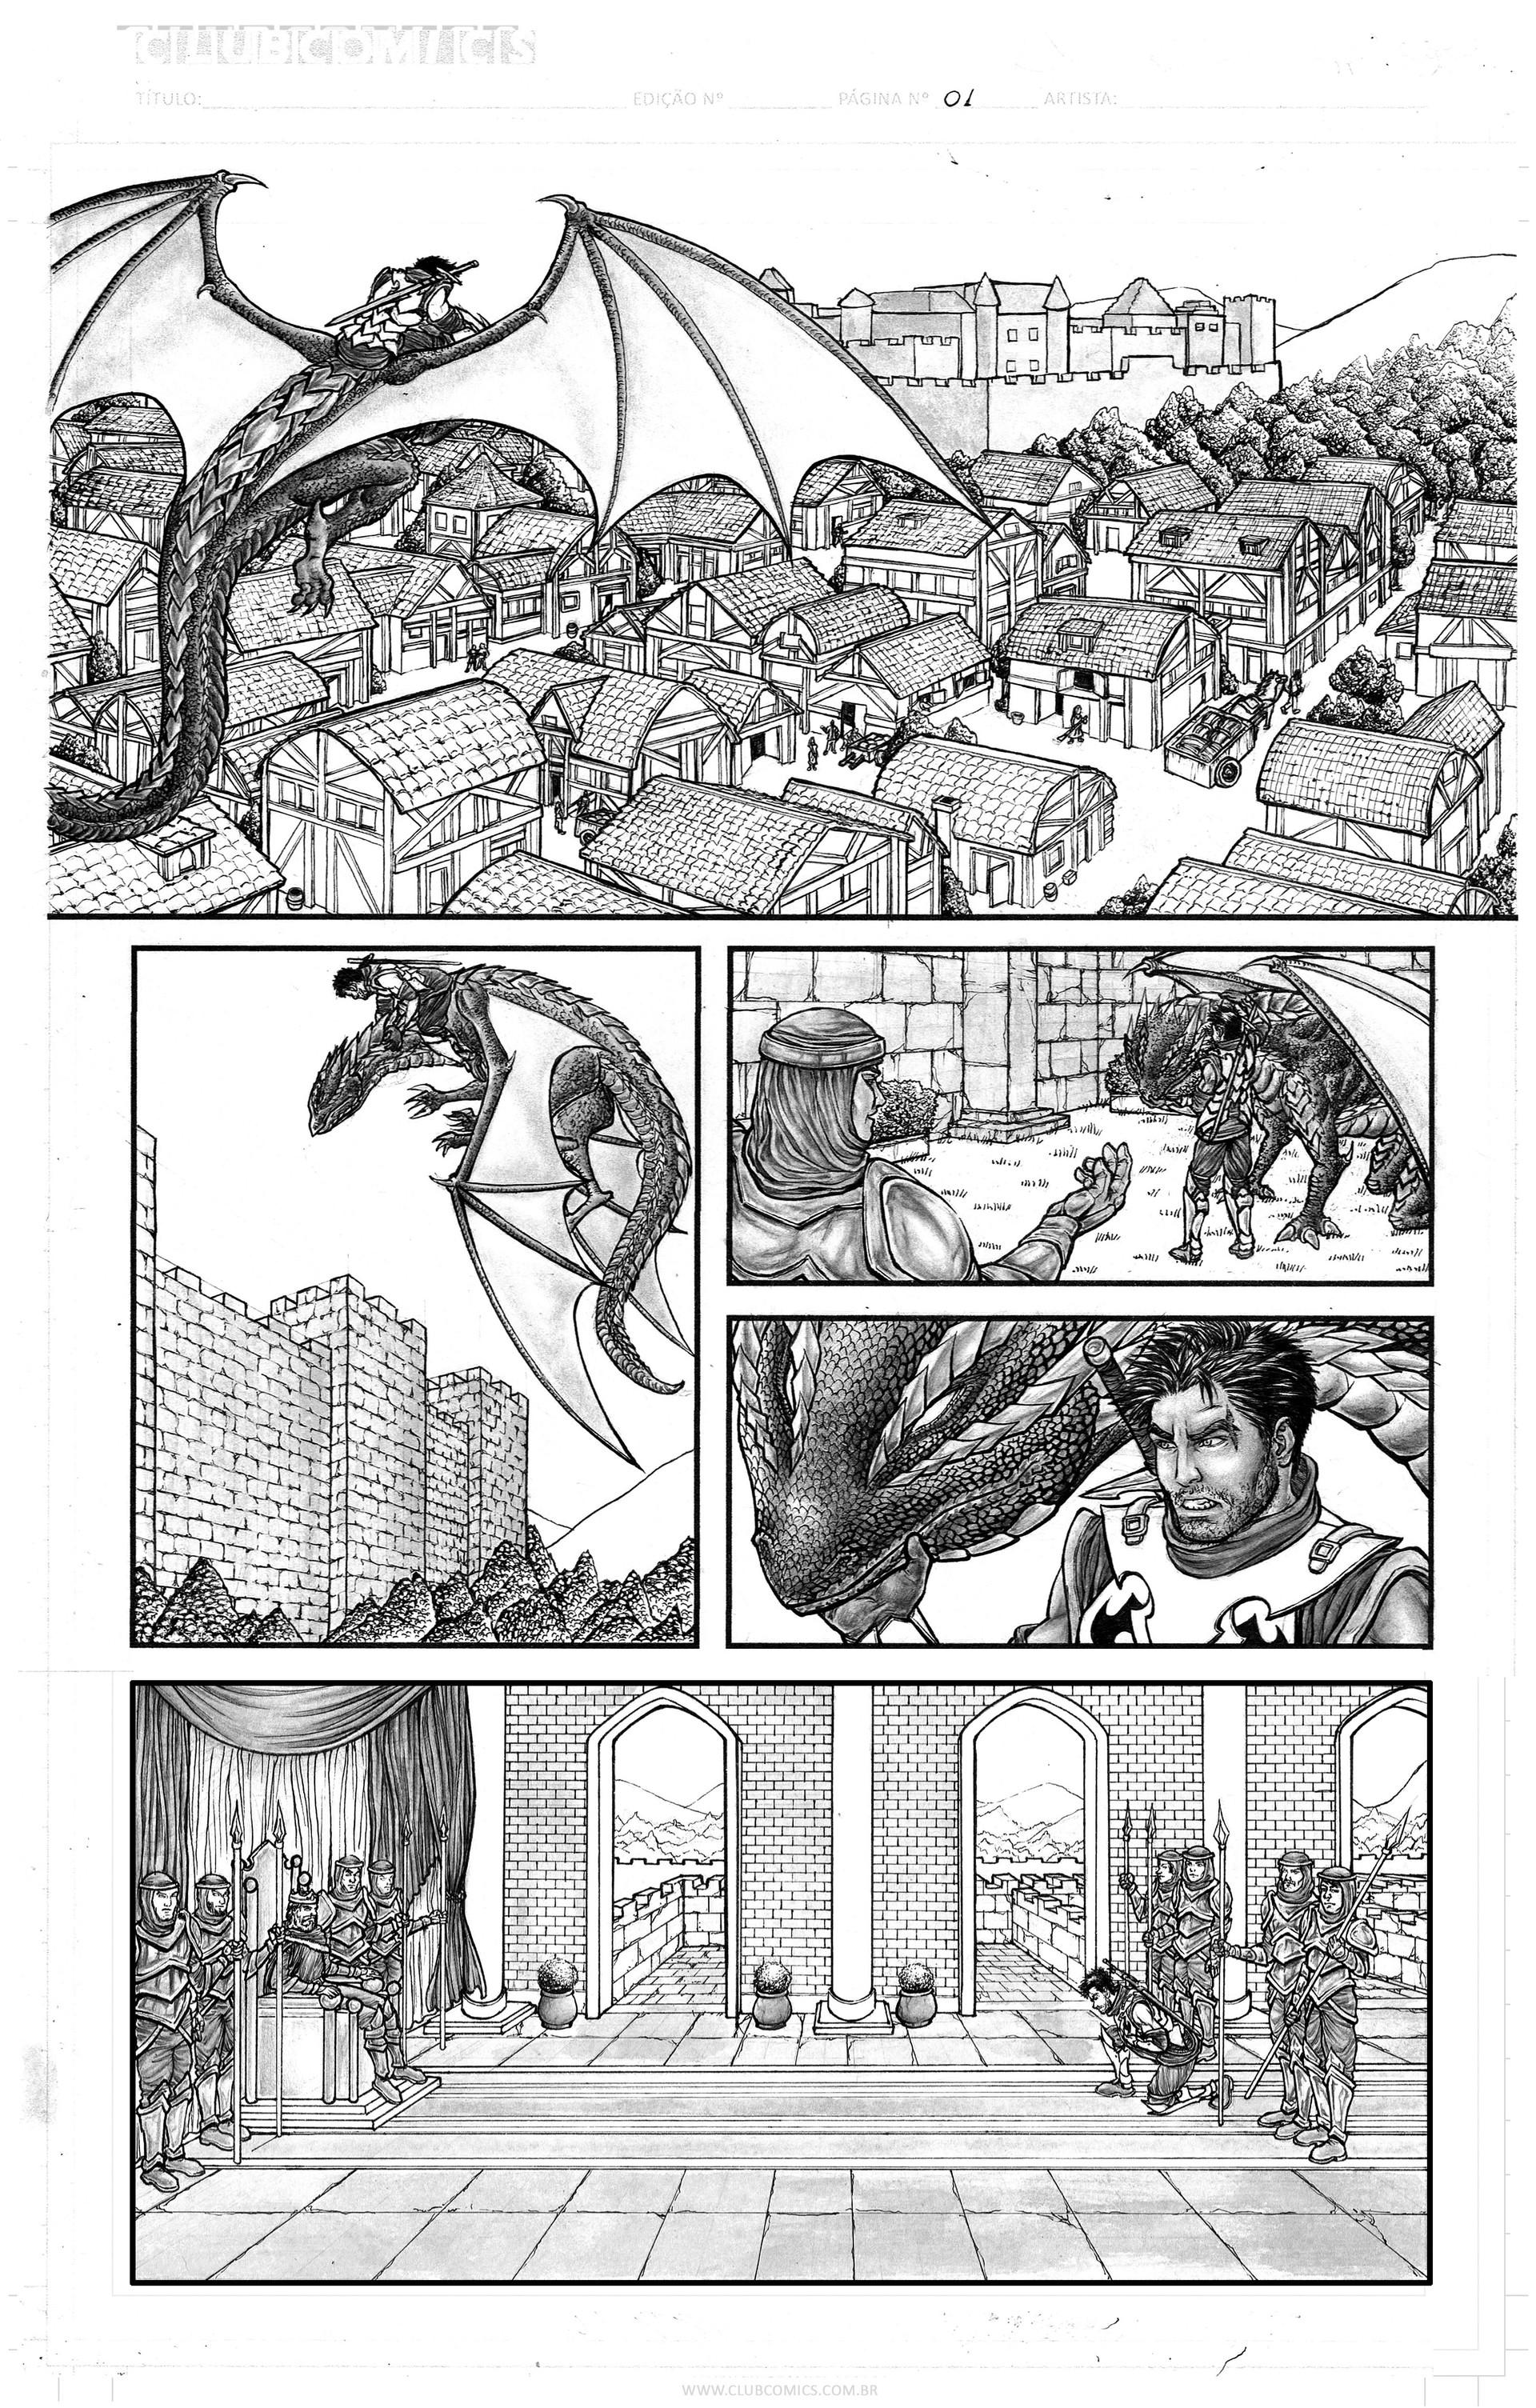 Gustavo melo aventuras e dragoes pagina 01